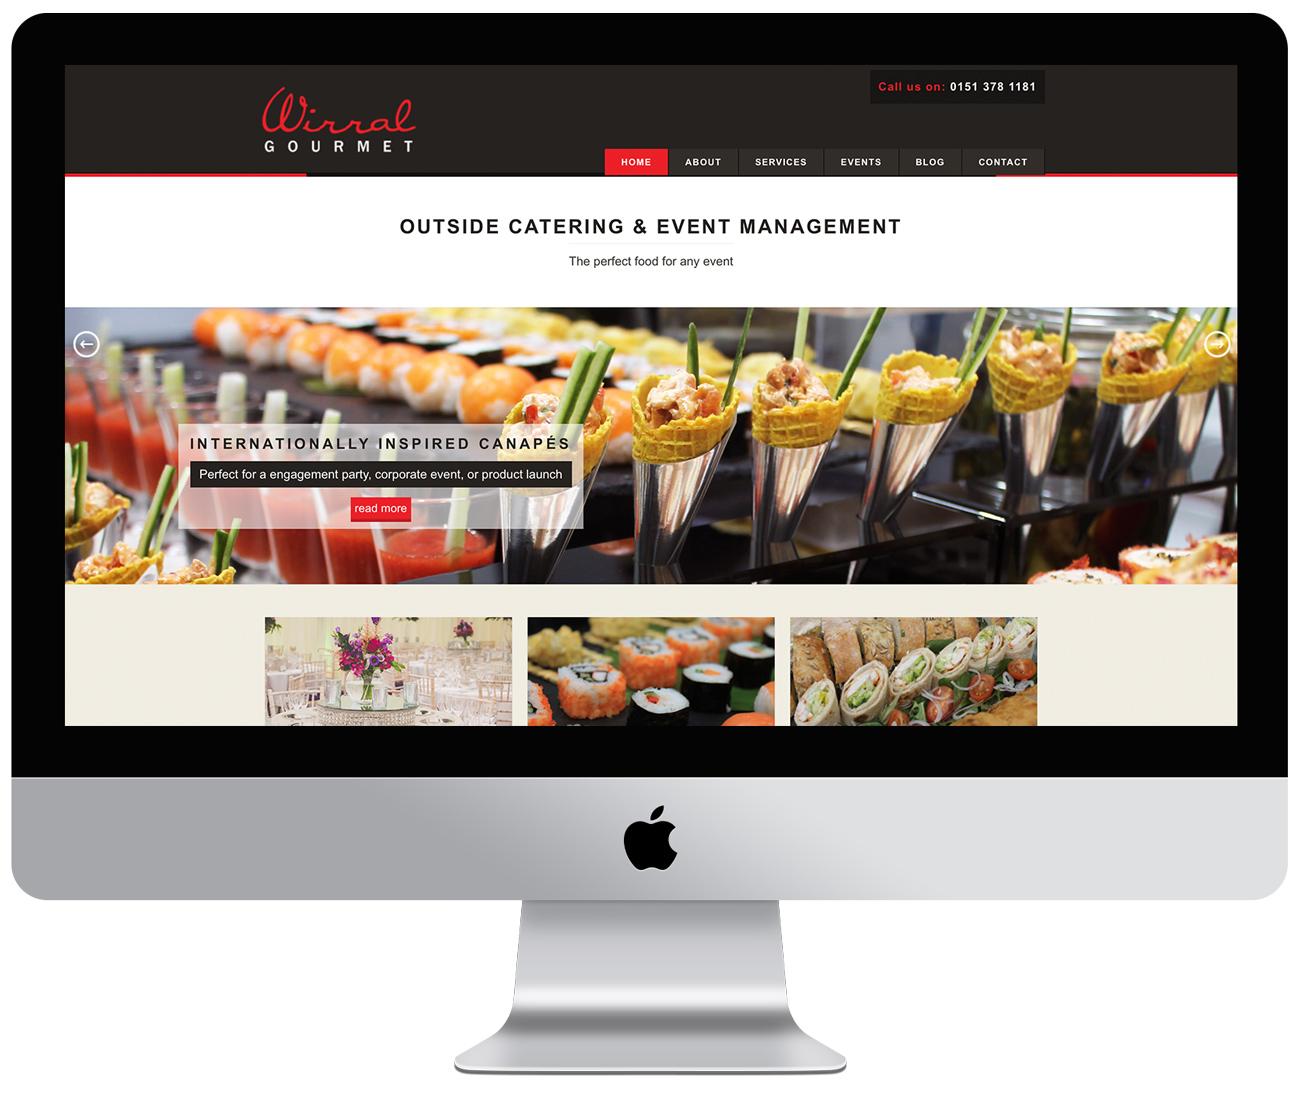 Wirral Gourmet website